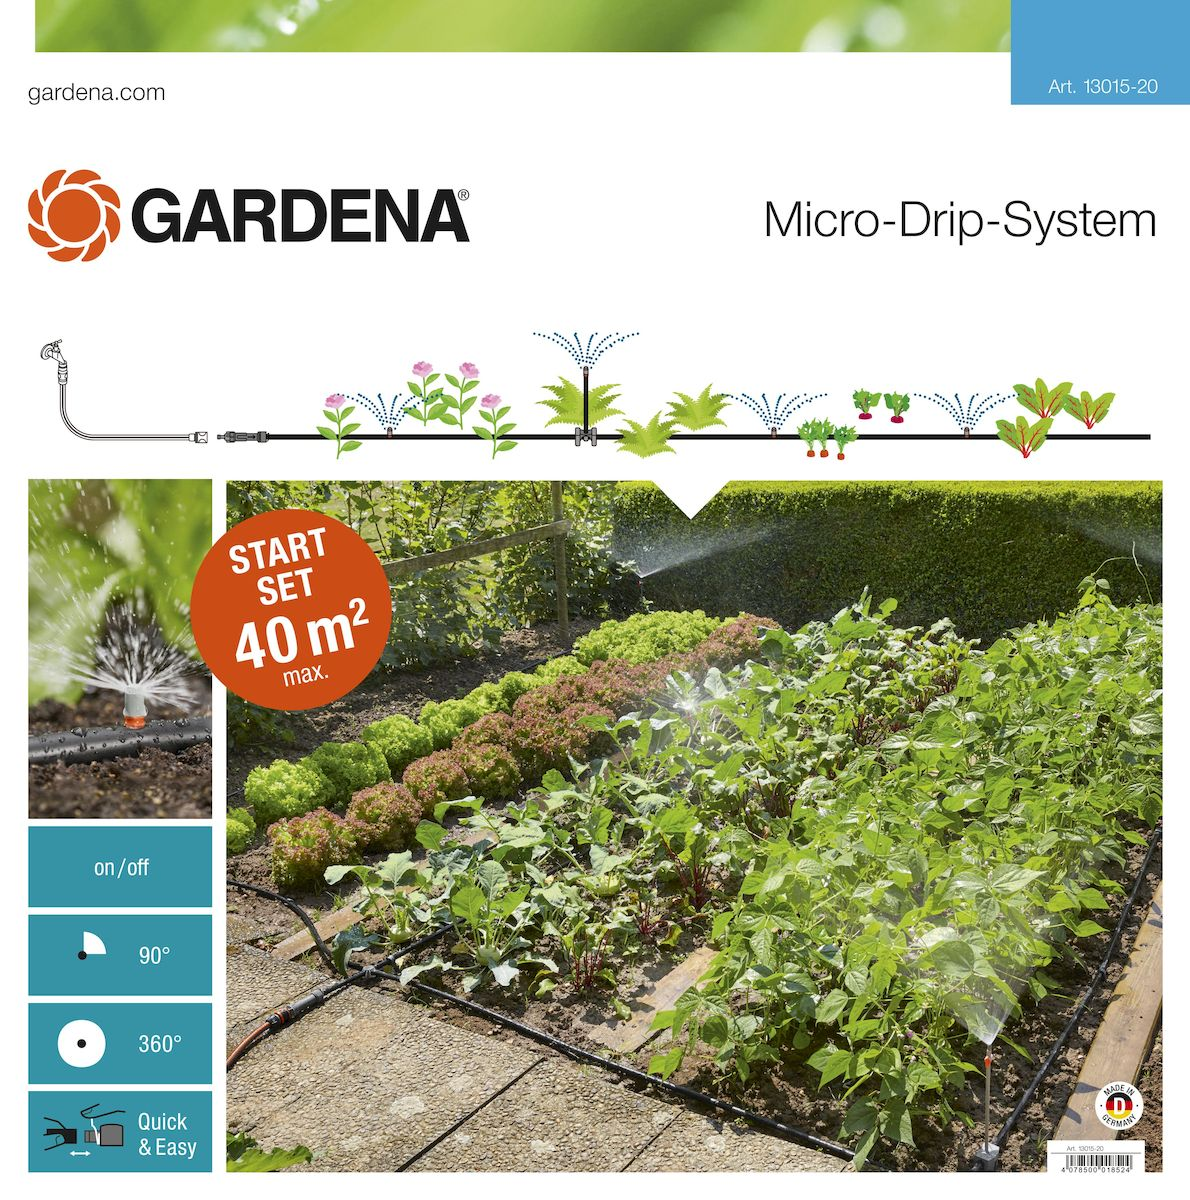 Шланг сочащийся Gardena с фитингами, 13 мм (1/2) х 40 м96281496Шланг сочащийся Gardena является элементом системы микрокапельного полива Gardena и оптимально подходит для полива грядок площадью до 40 м2. Наличие распыляющих микронасадок позволяет бережно поливать рассаду и капризные растения. В комплекте: - мастер блок 1000; - магистральный шланг 25 м; - микронасадка 90°, 4шт; - микронасадка 360°;- надставка для микронасадки, 5 шт; - запорных кран, 5 шт; - L-образный соединитель 13 мм (1/2), 2 шт; - крестовина 13 мм (1/2);- направляющие 13 мм (1/2), 5 шт; - заглушка 13 мм (1/2), 3 шт; - колышки для крепления шлангов 13 мм (1/2), 10 шт; - инструмент для сборки. Благодаря запатентованной технологии быстрого подсоединения Quick & Easy, все элементы легко соединяются и разъединяются.